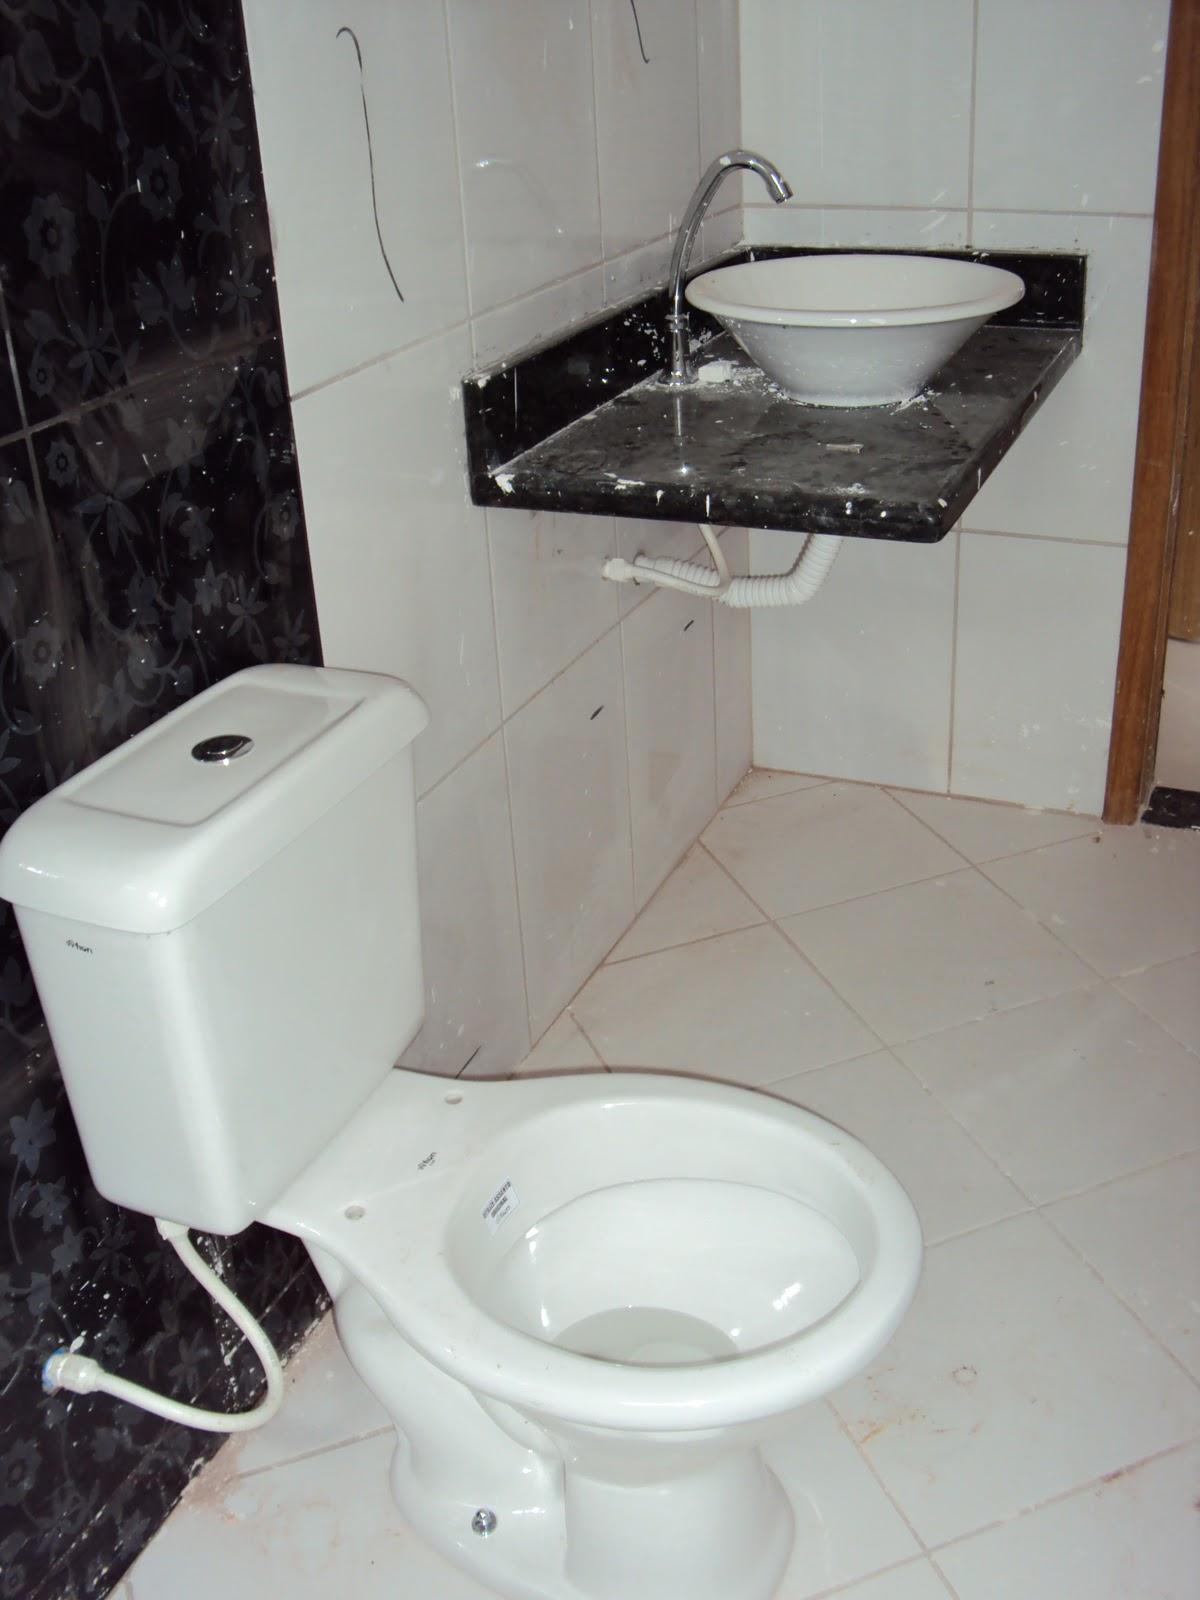 Nosso Sonho Nossa Casa: Boas Pia e vaso sanitario instalados #603C28 1200x1600 Banheiro Com Vaso Sanitario Azul